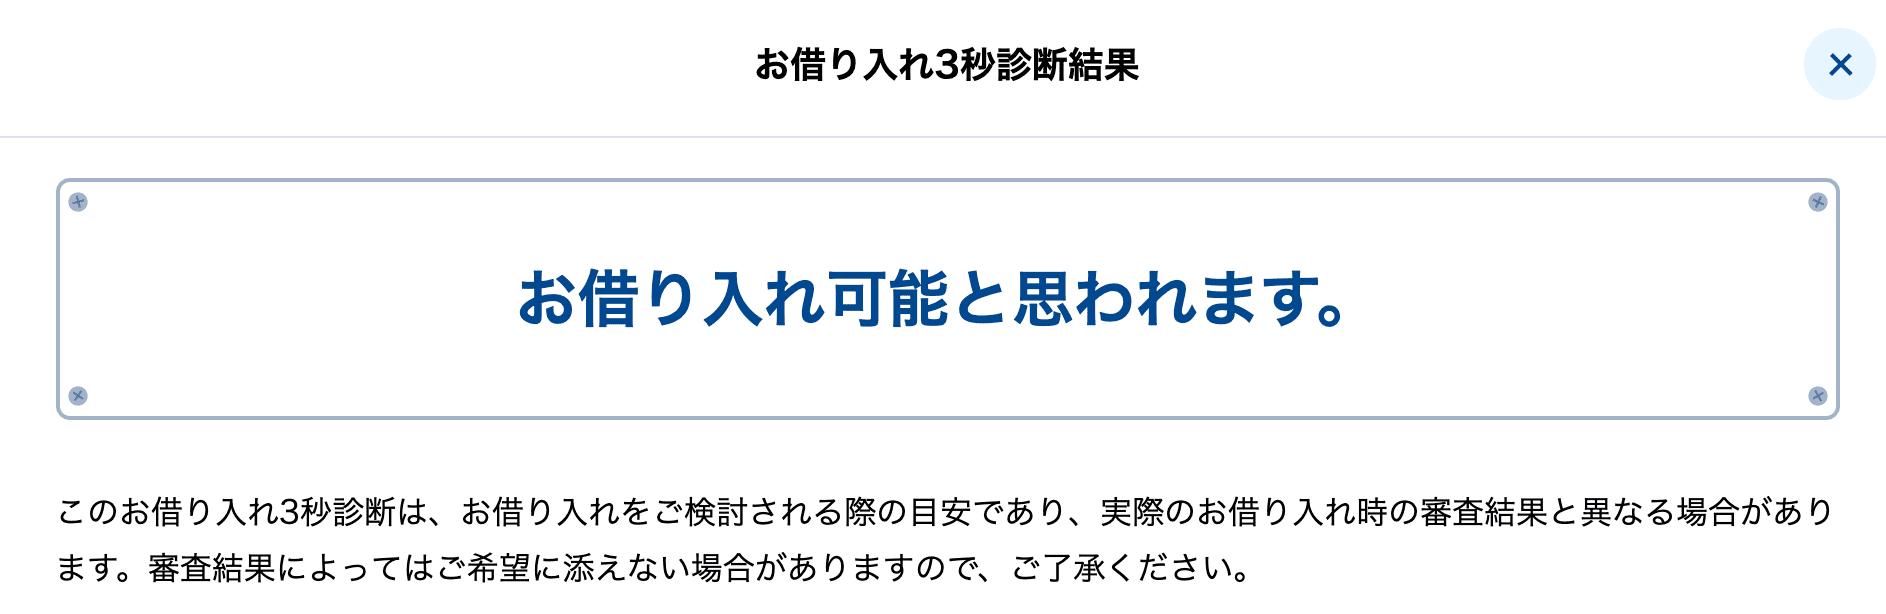 横浜銀行カードローン-お借り入れ3秒診断結果